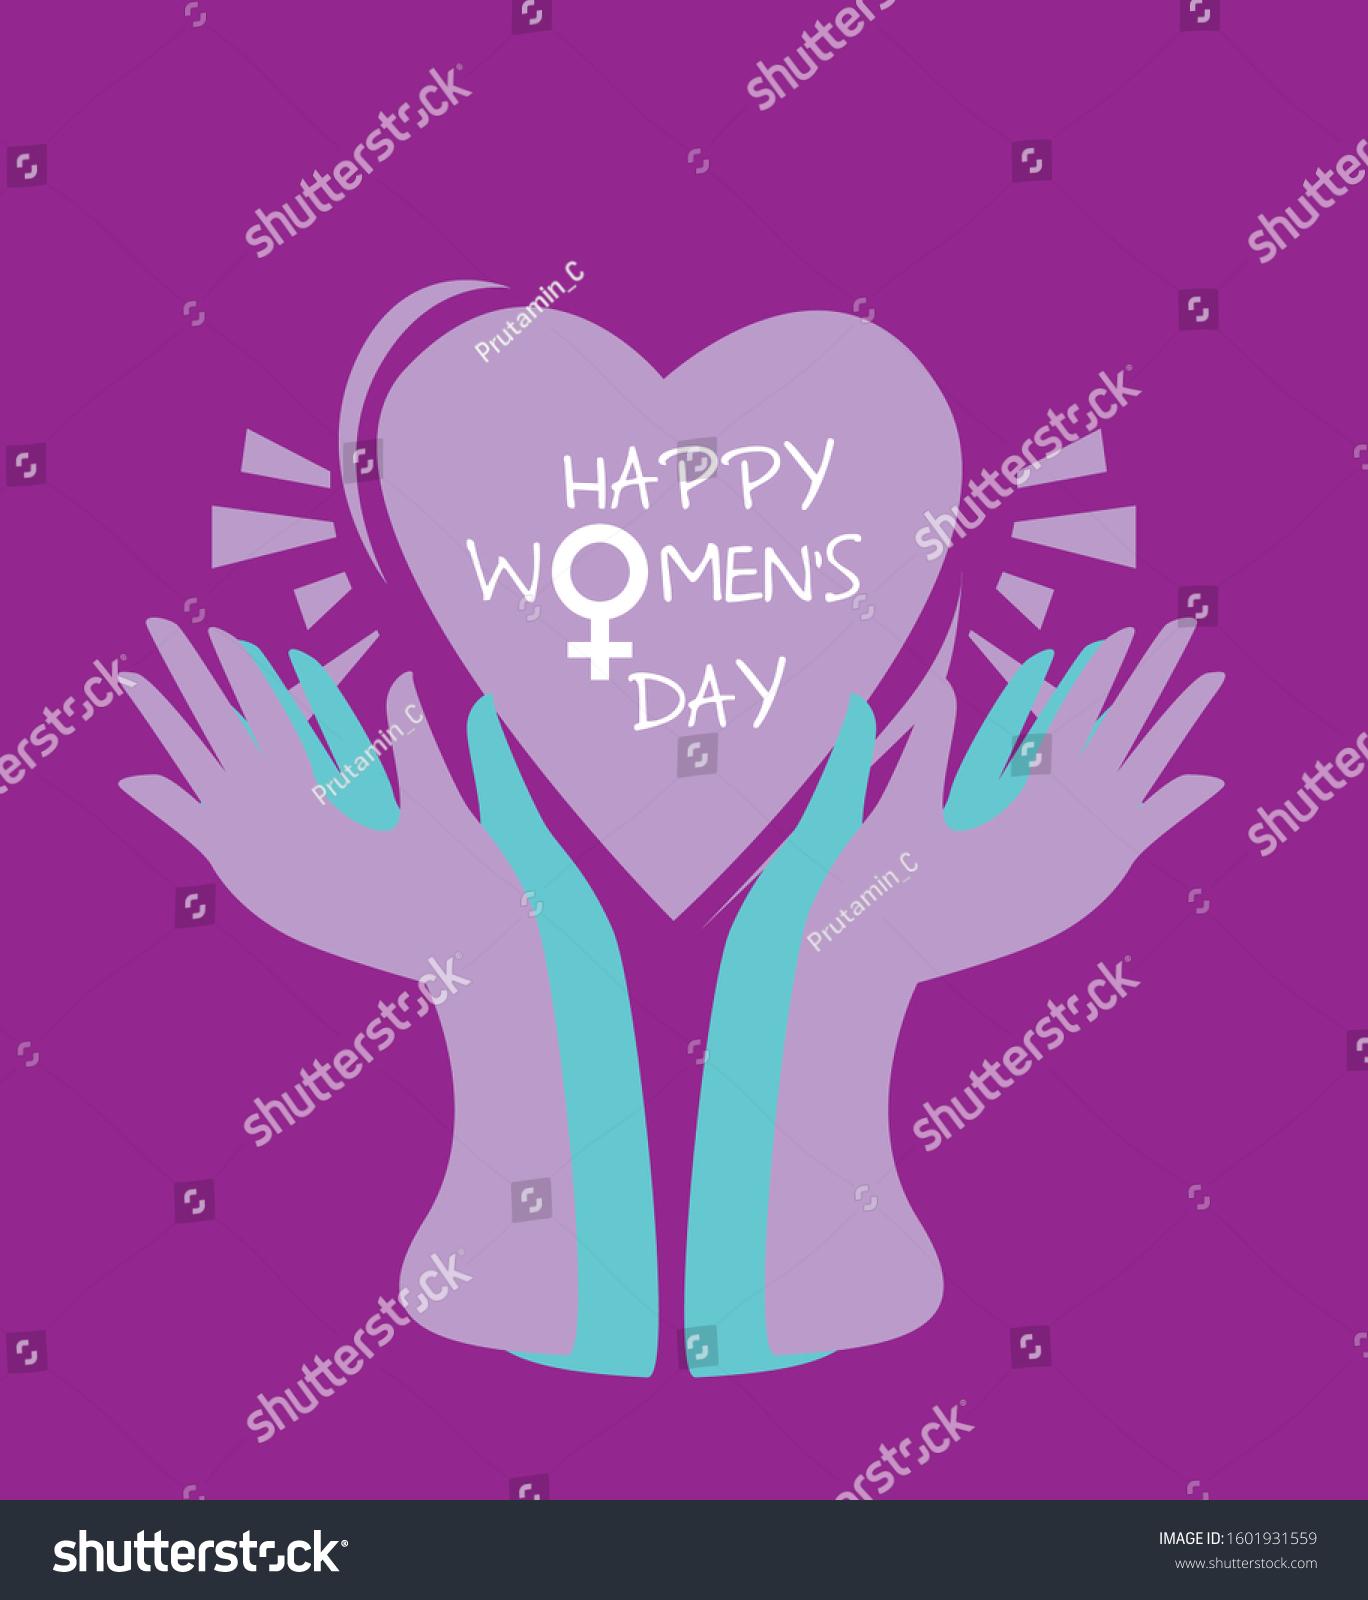 stock-vector-international-happy-women-s